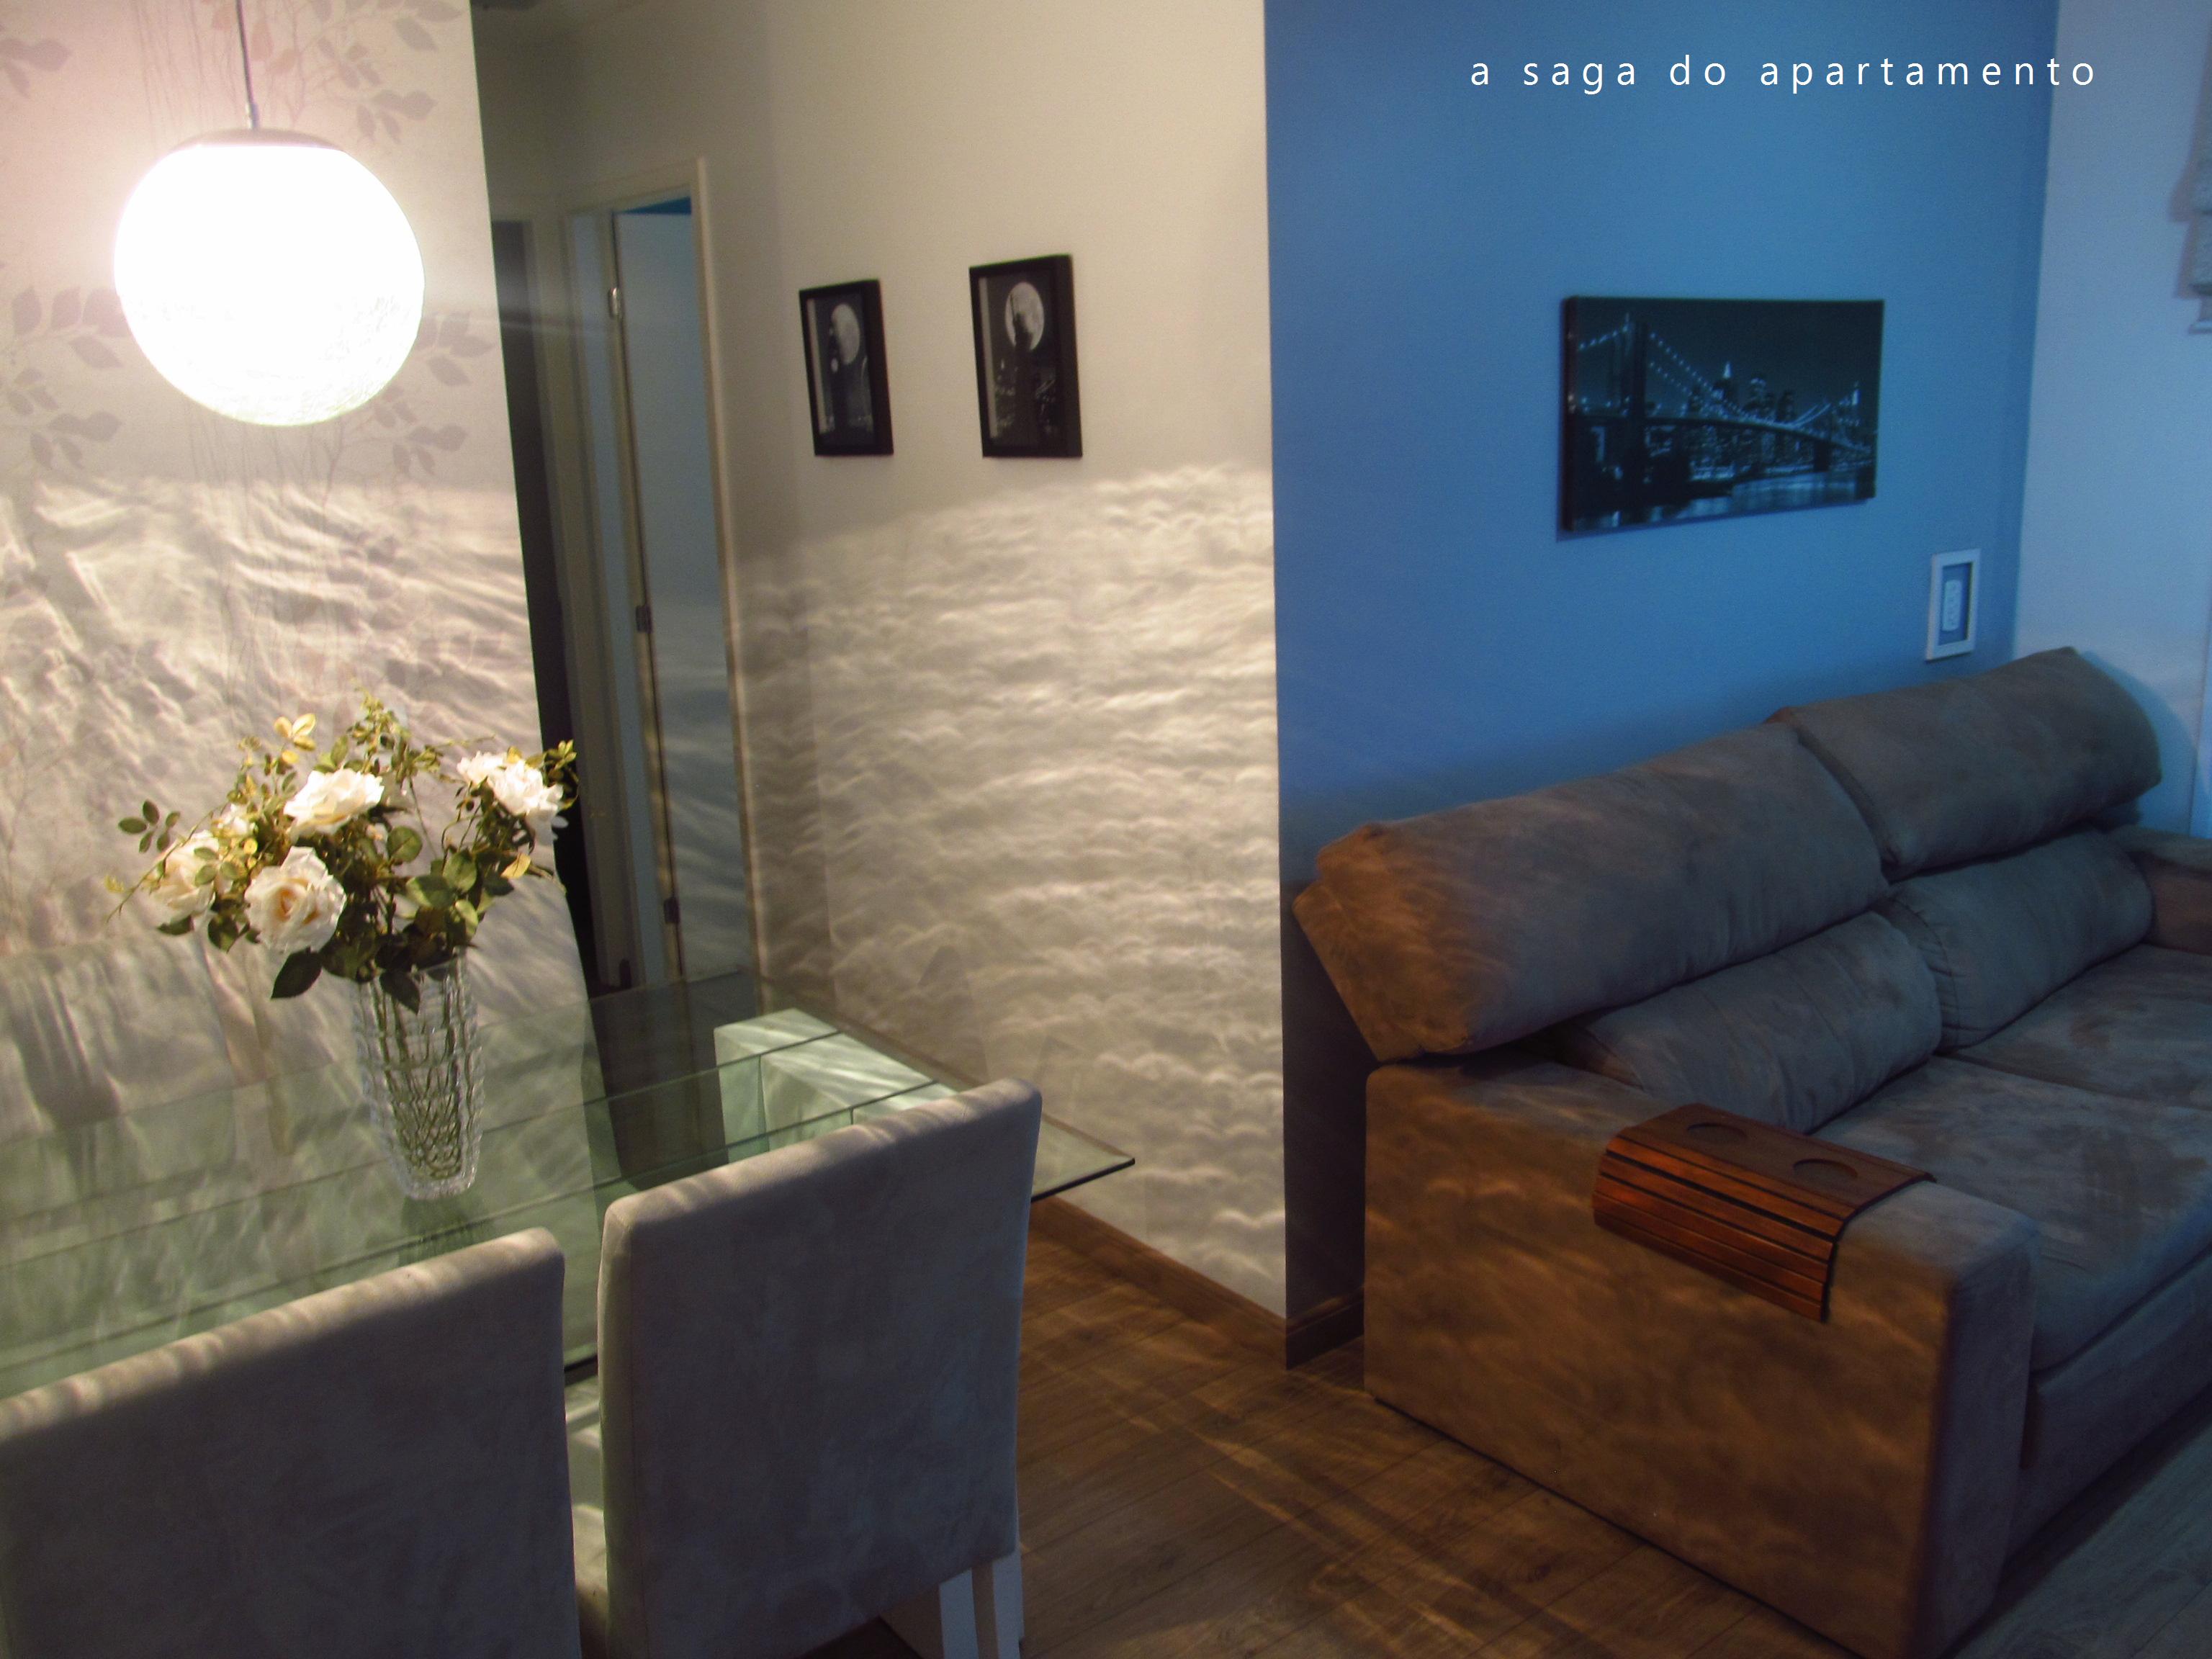 Separando Sala De Estar E Jantar A Saga Do Apartamento -> Sala Branca Com Parede Colorida